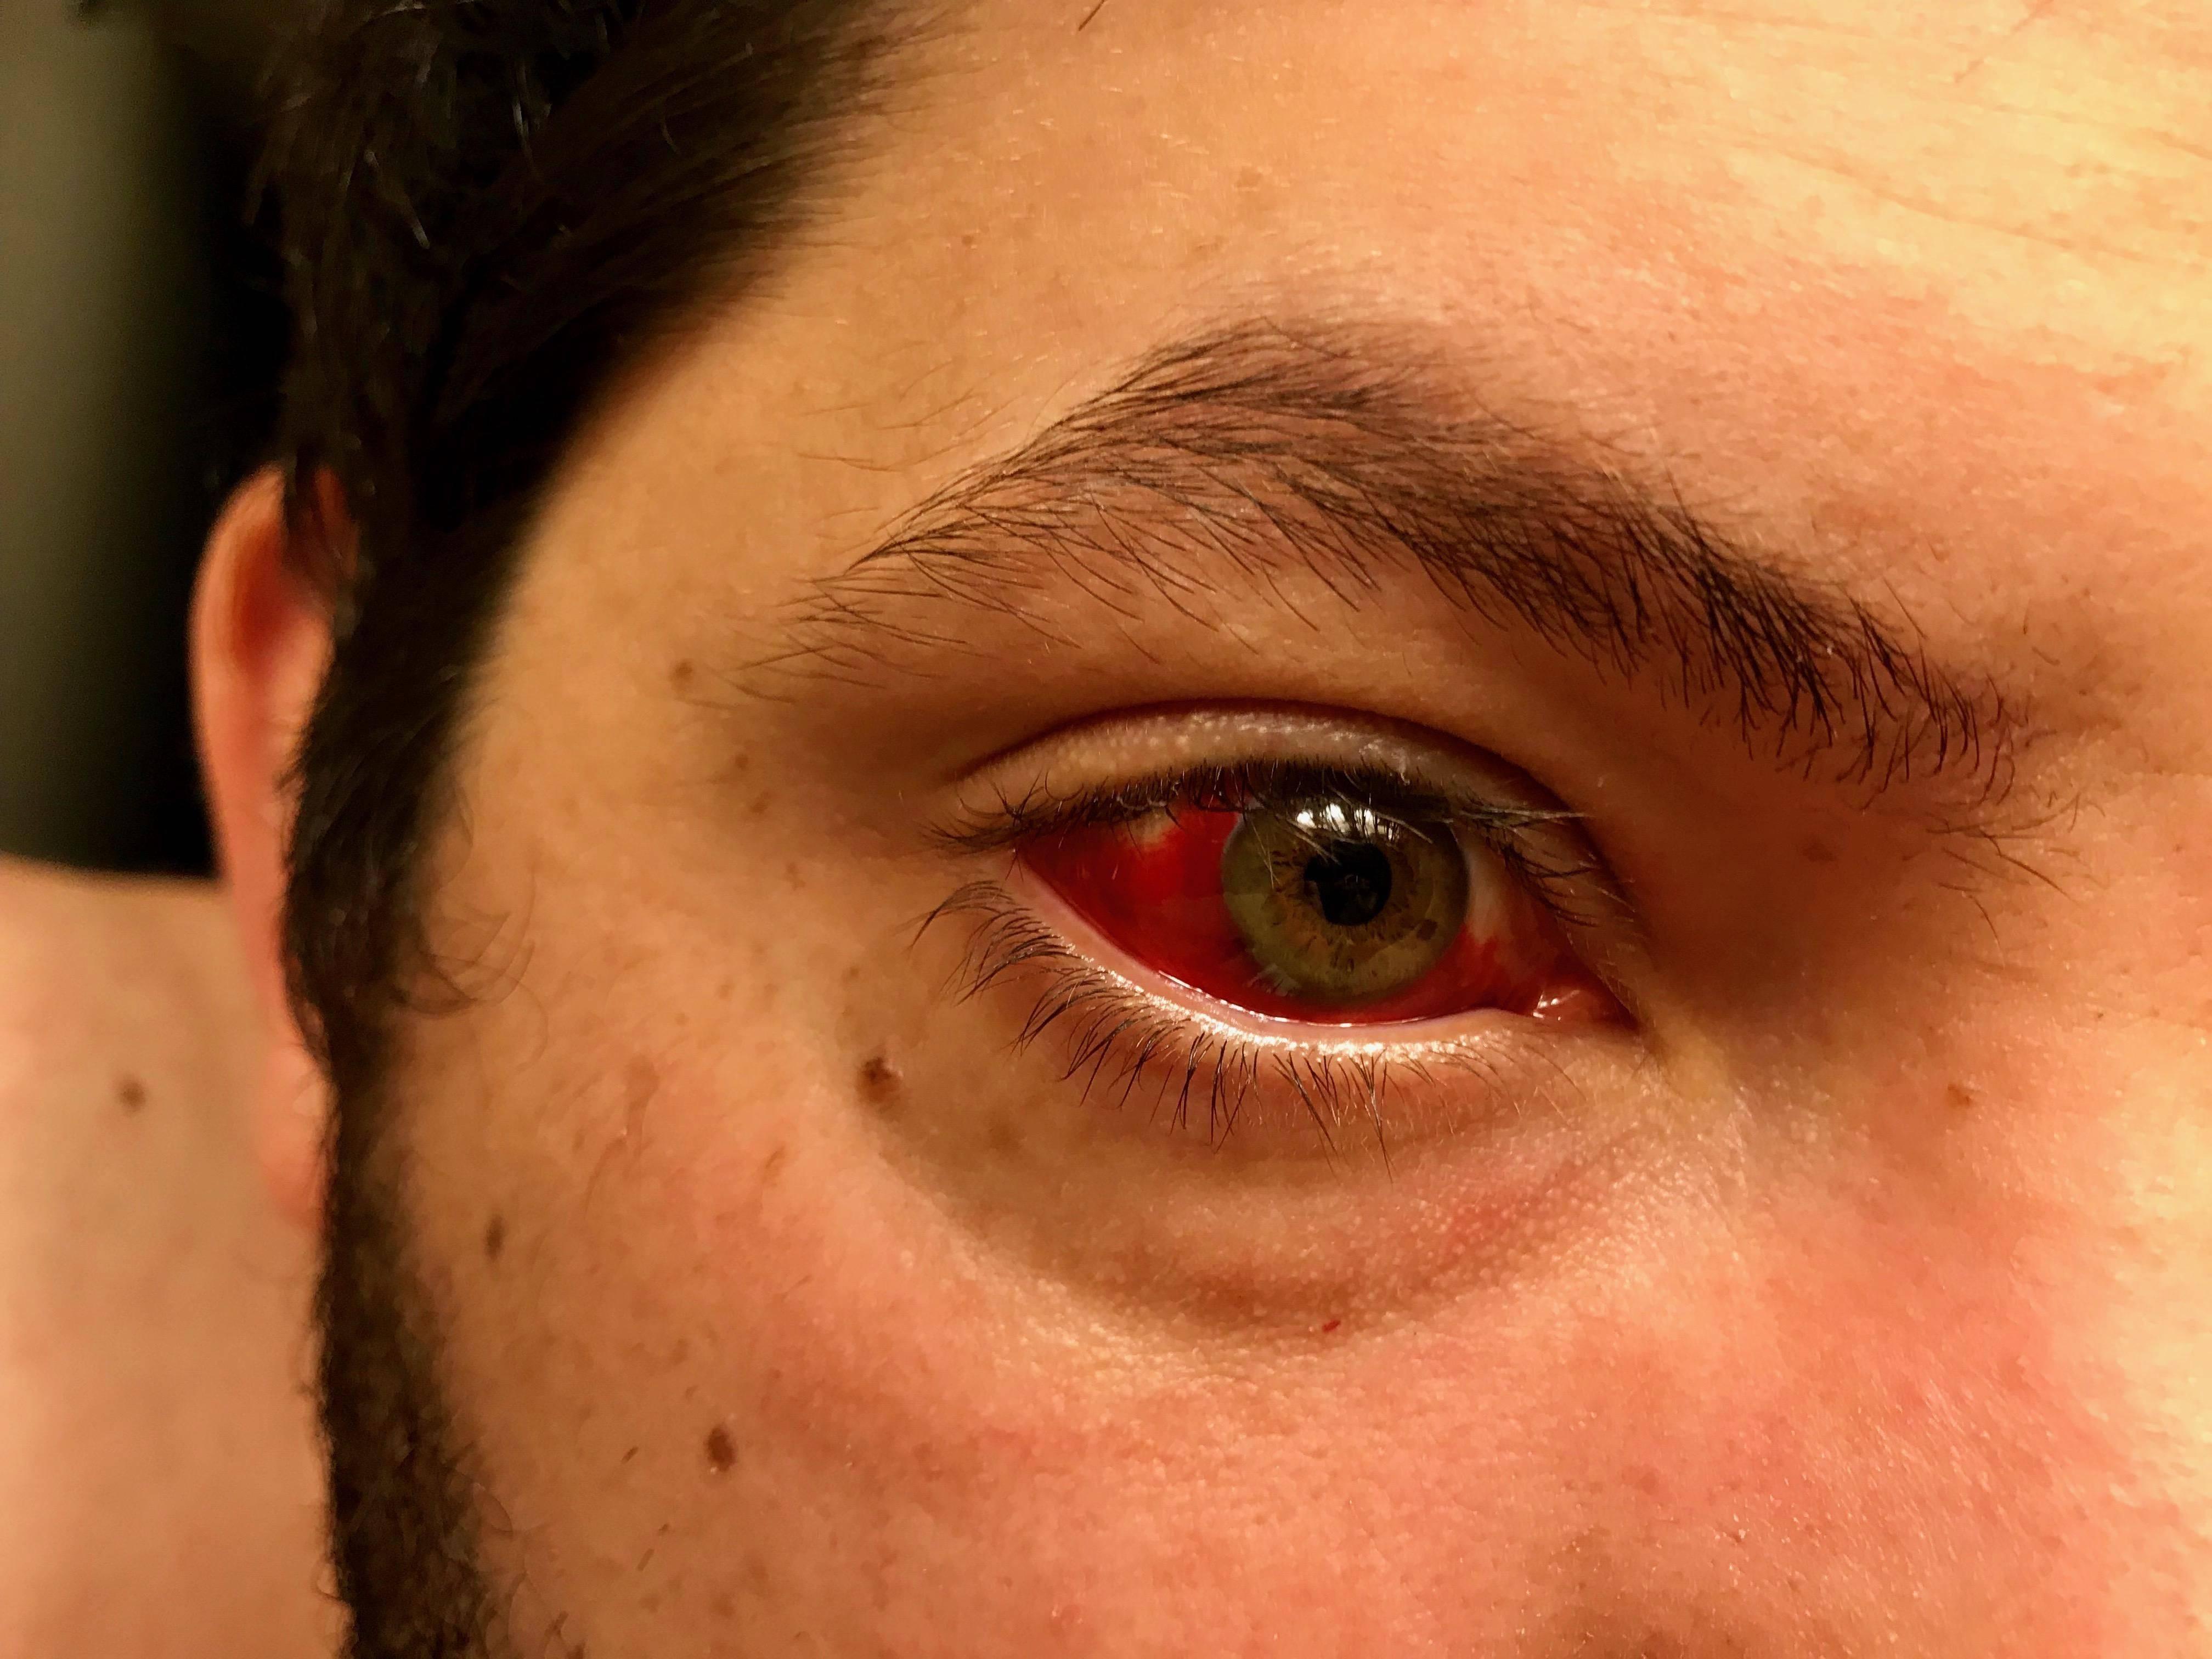 ушиб глаза лечение в домашних условиях